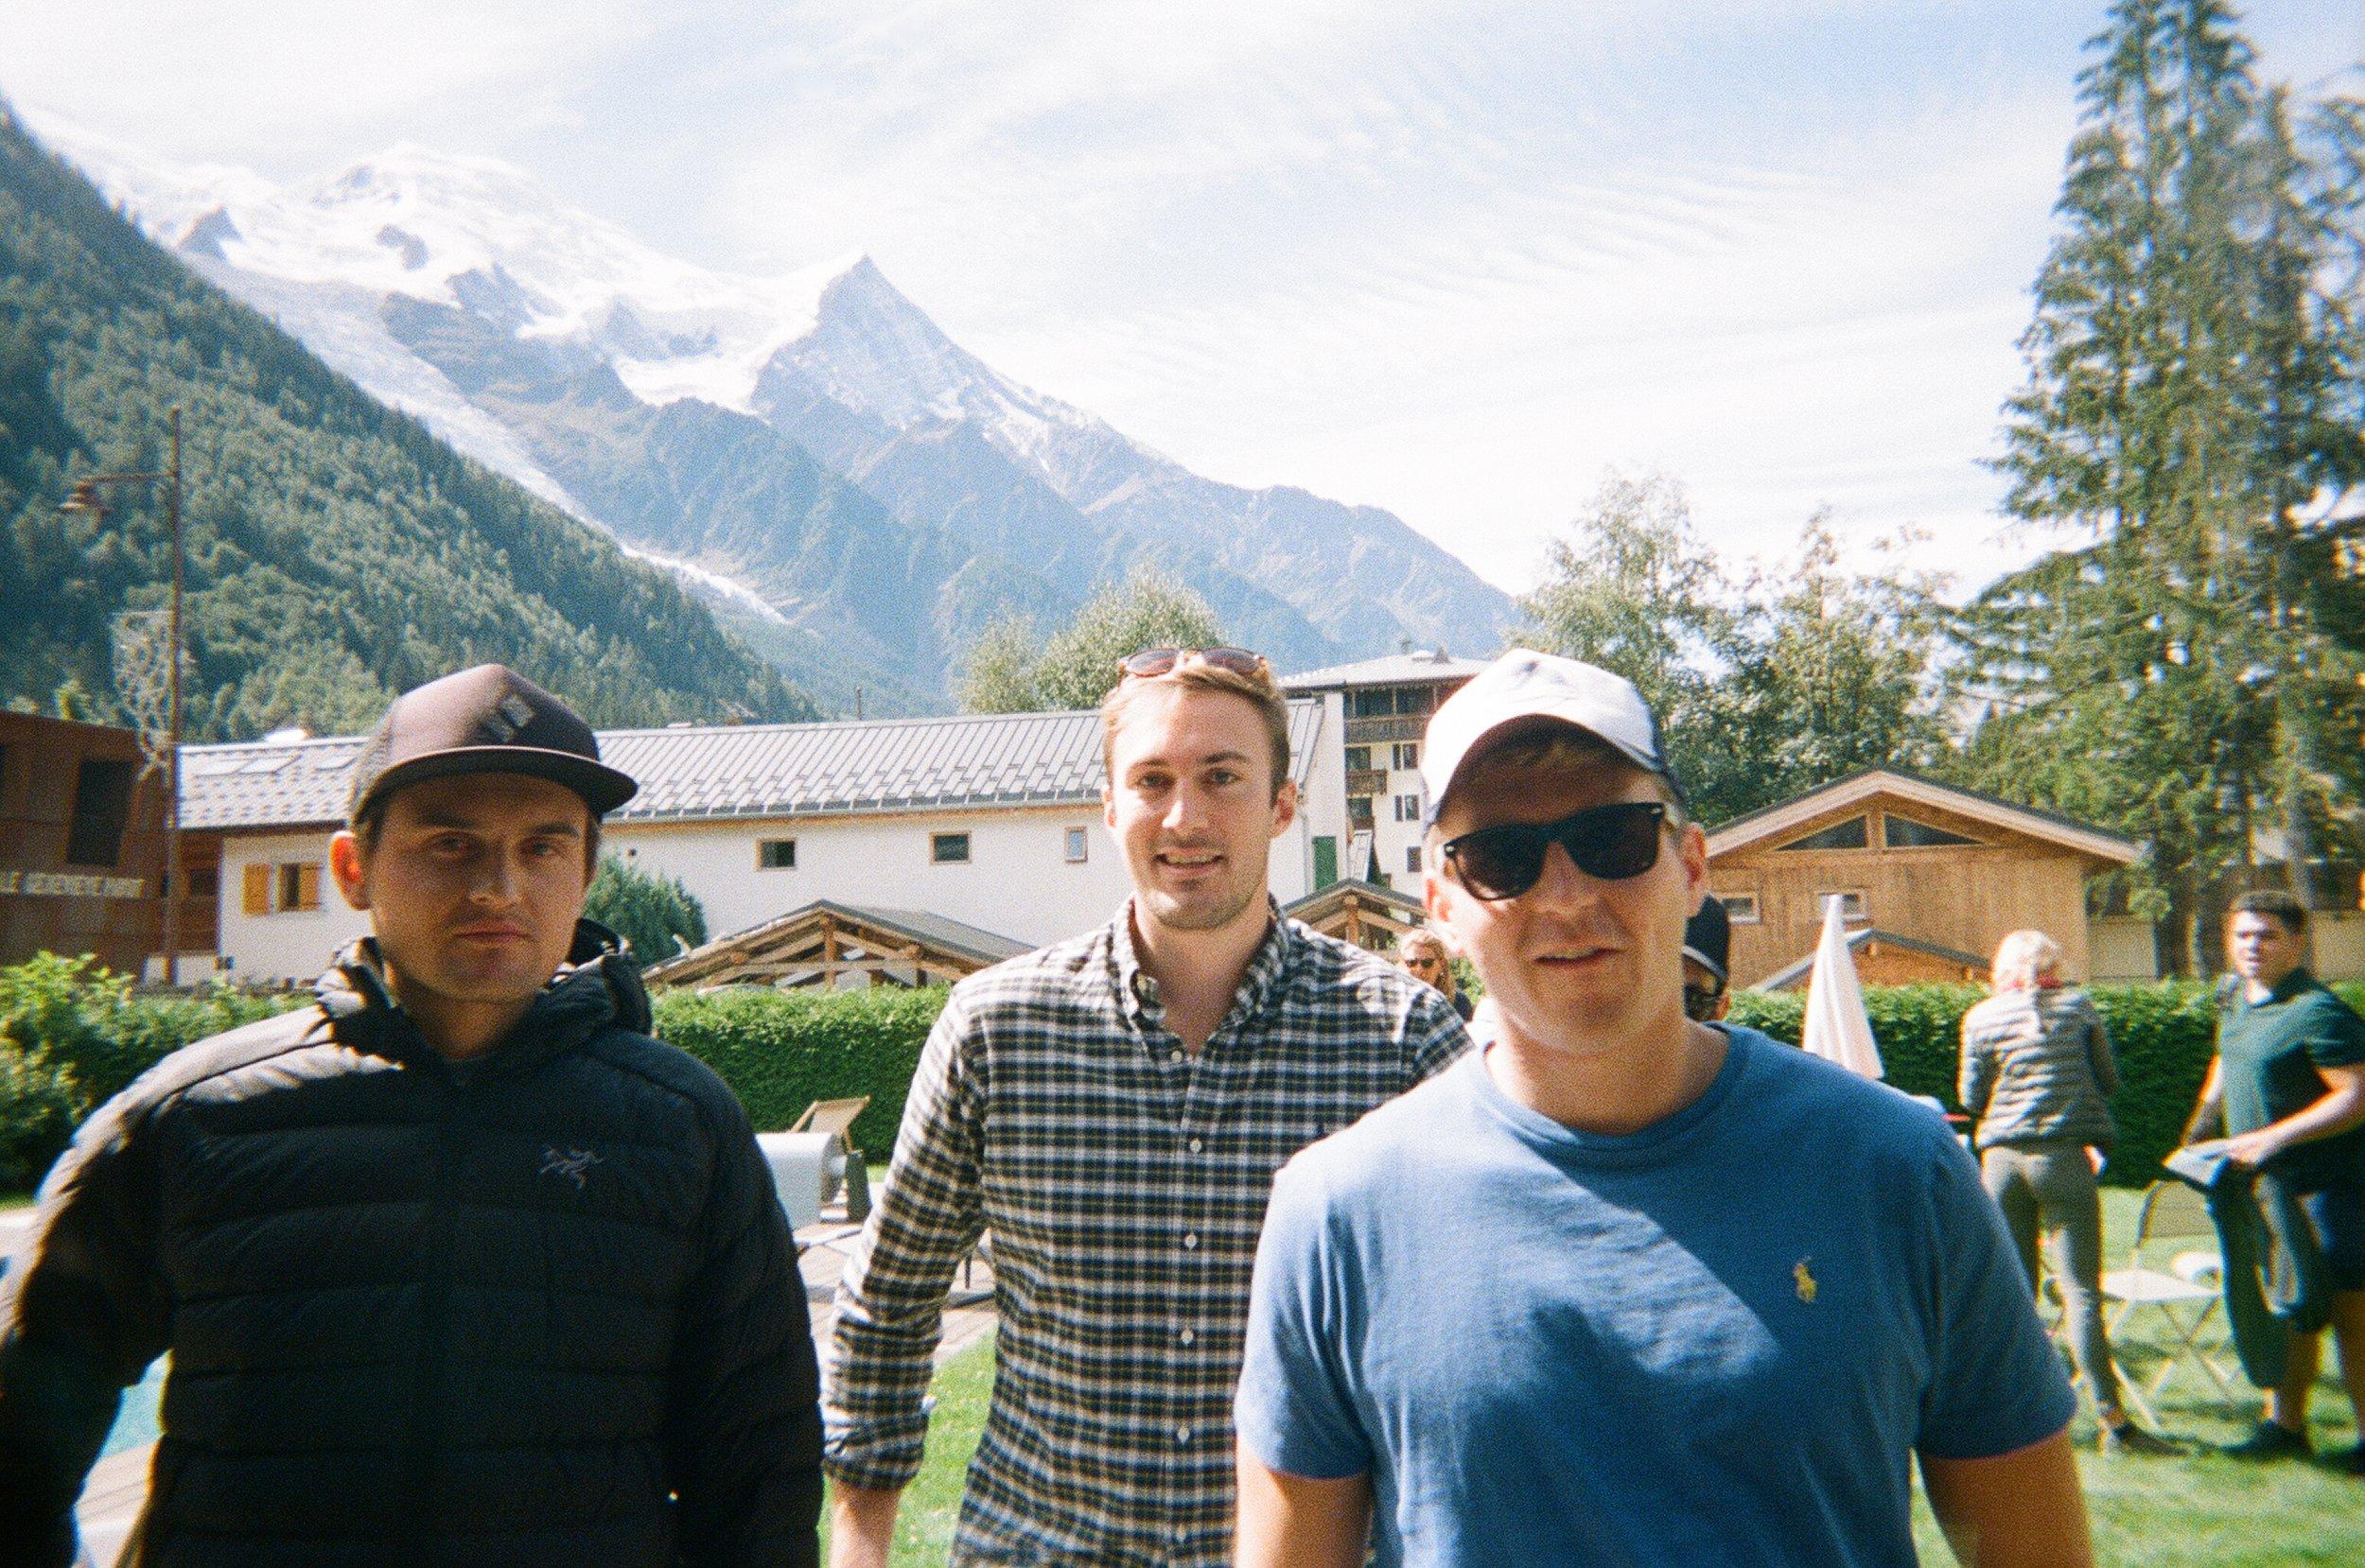 Nicki-Lange-Ultra-Trail-Du-Mont-Blanc-2018-34.jpg